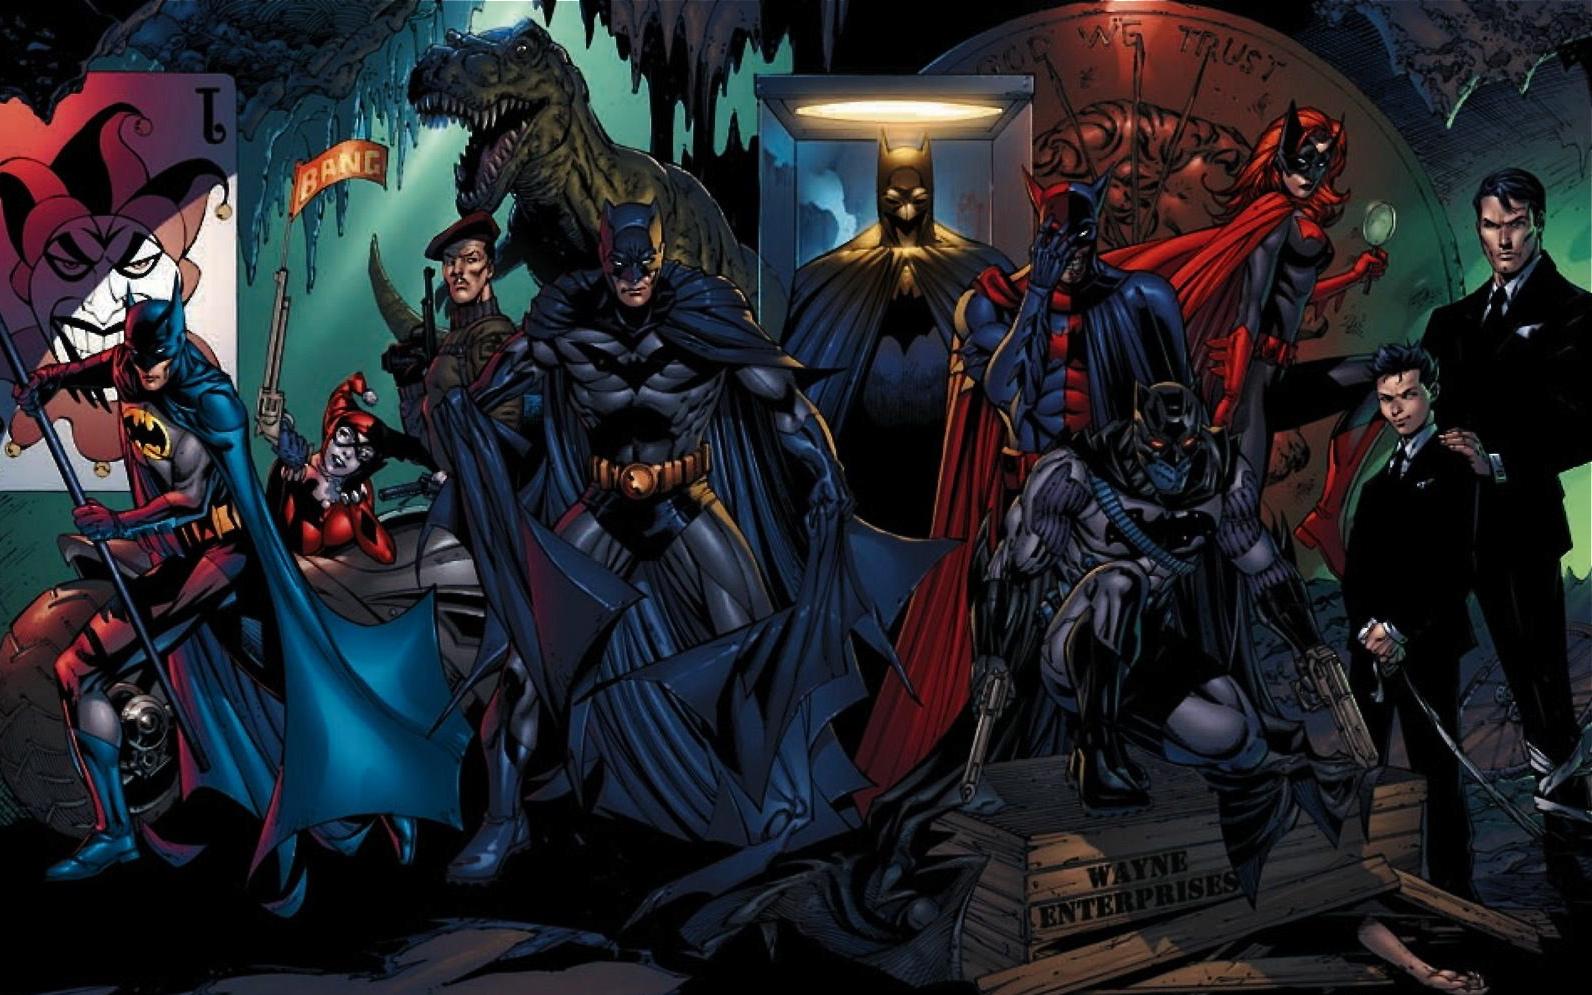 Dc comics wallpapers wallpapersafari - Dc characters wallpaper hd ...